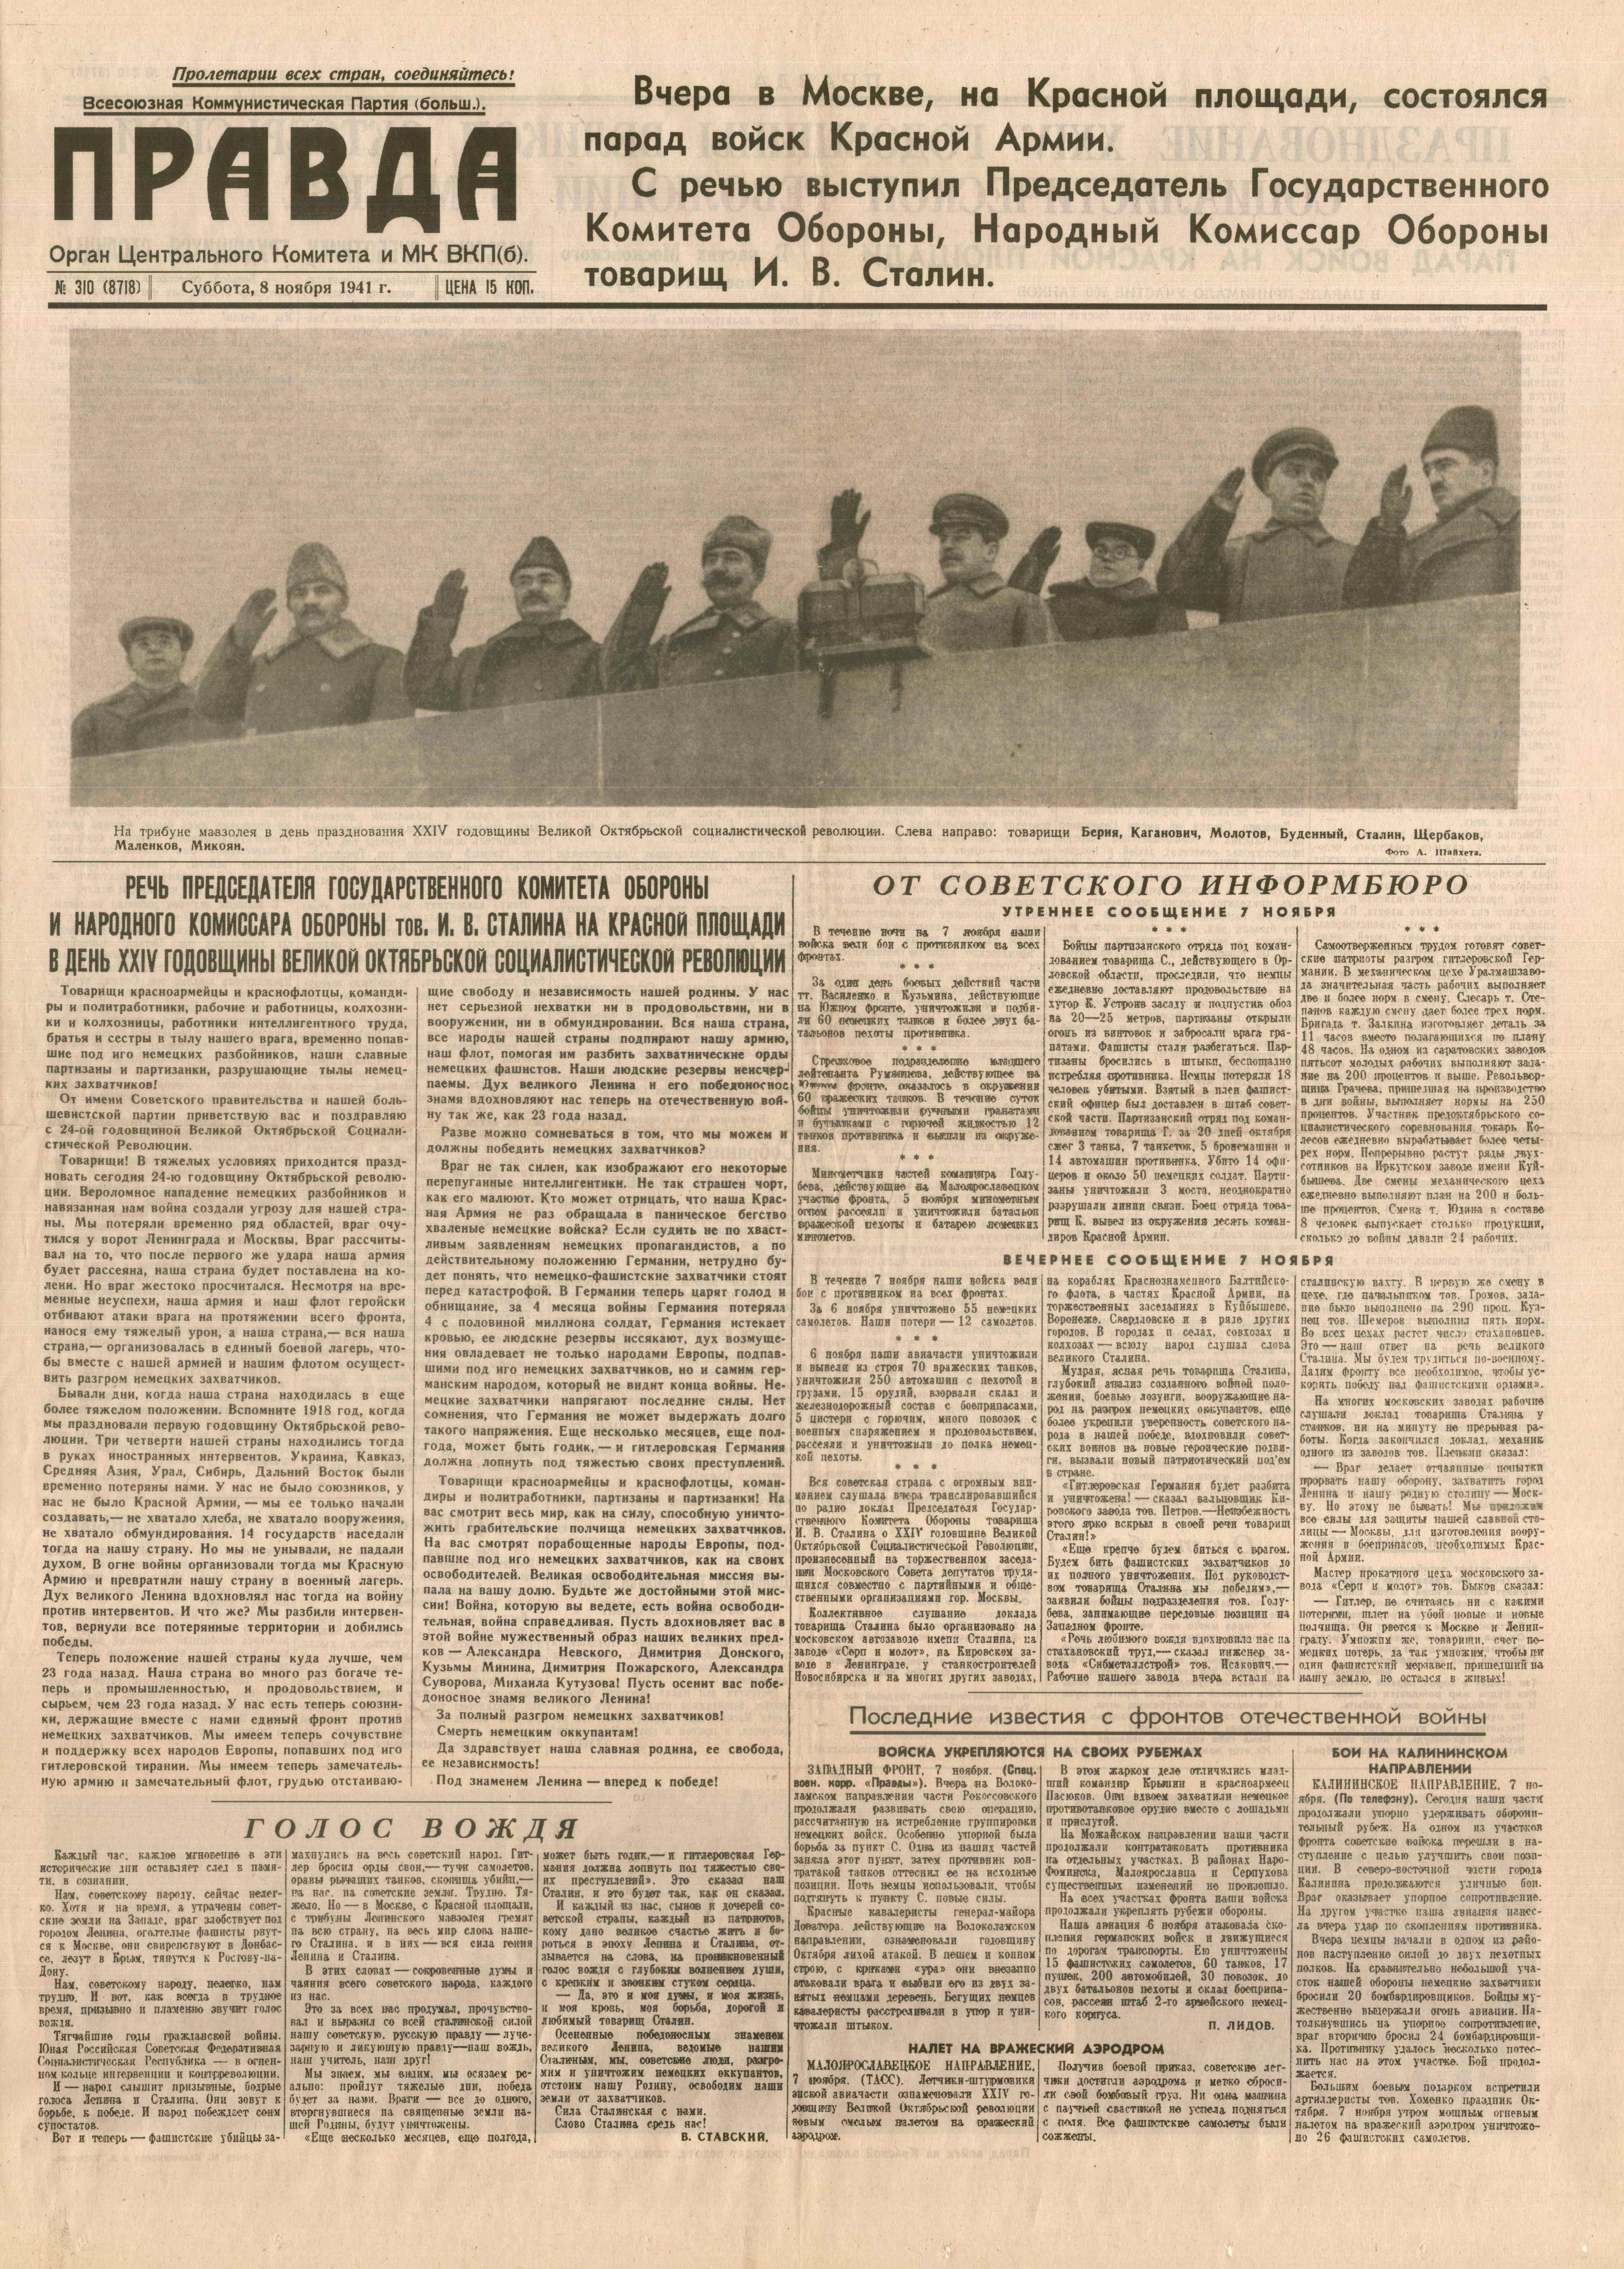 Вашему вниманию представлена статья комсомольской правды о выступлении по радио ив сталина1941 год